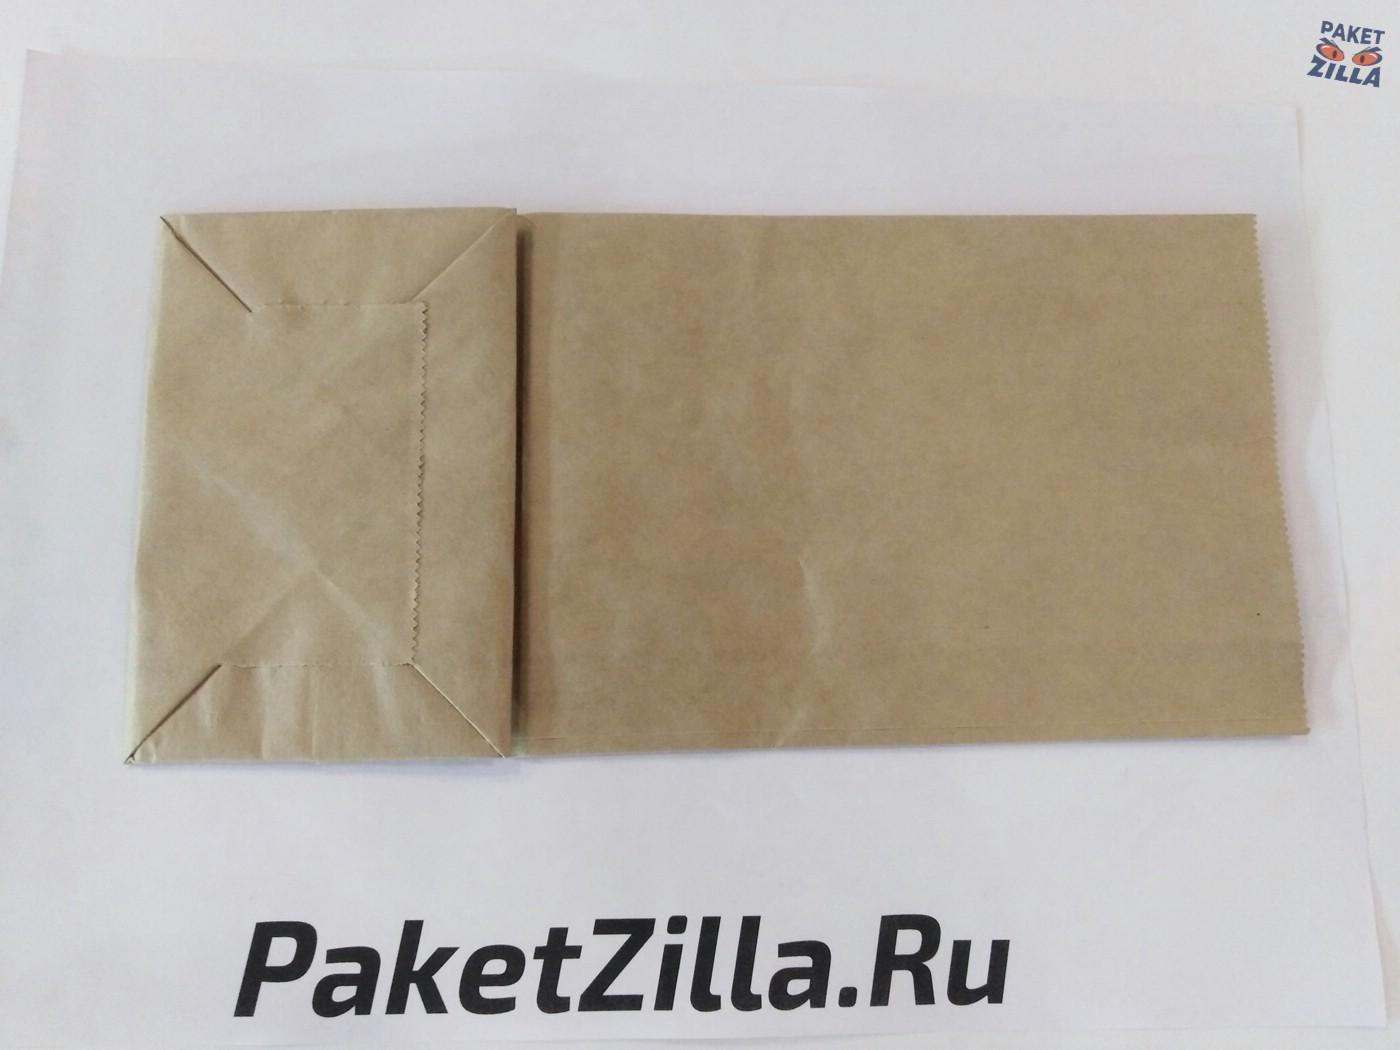 Крафт пакет 250 х 120 х 80 с круглым окном. 2-х слойный. 3.